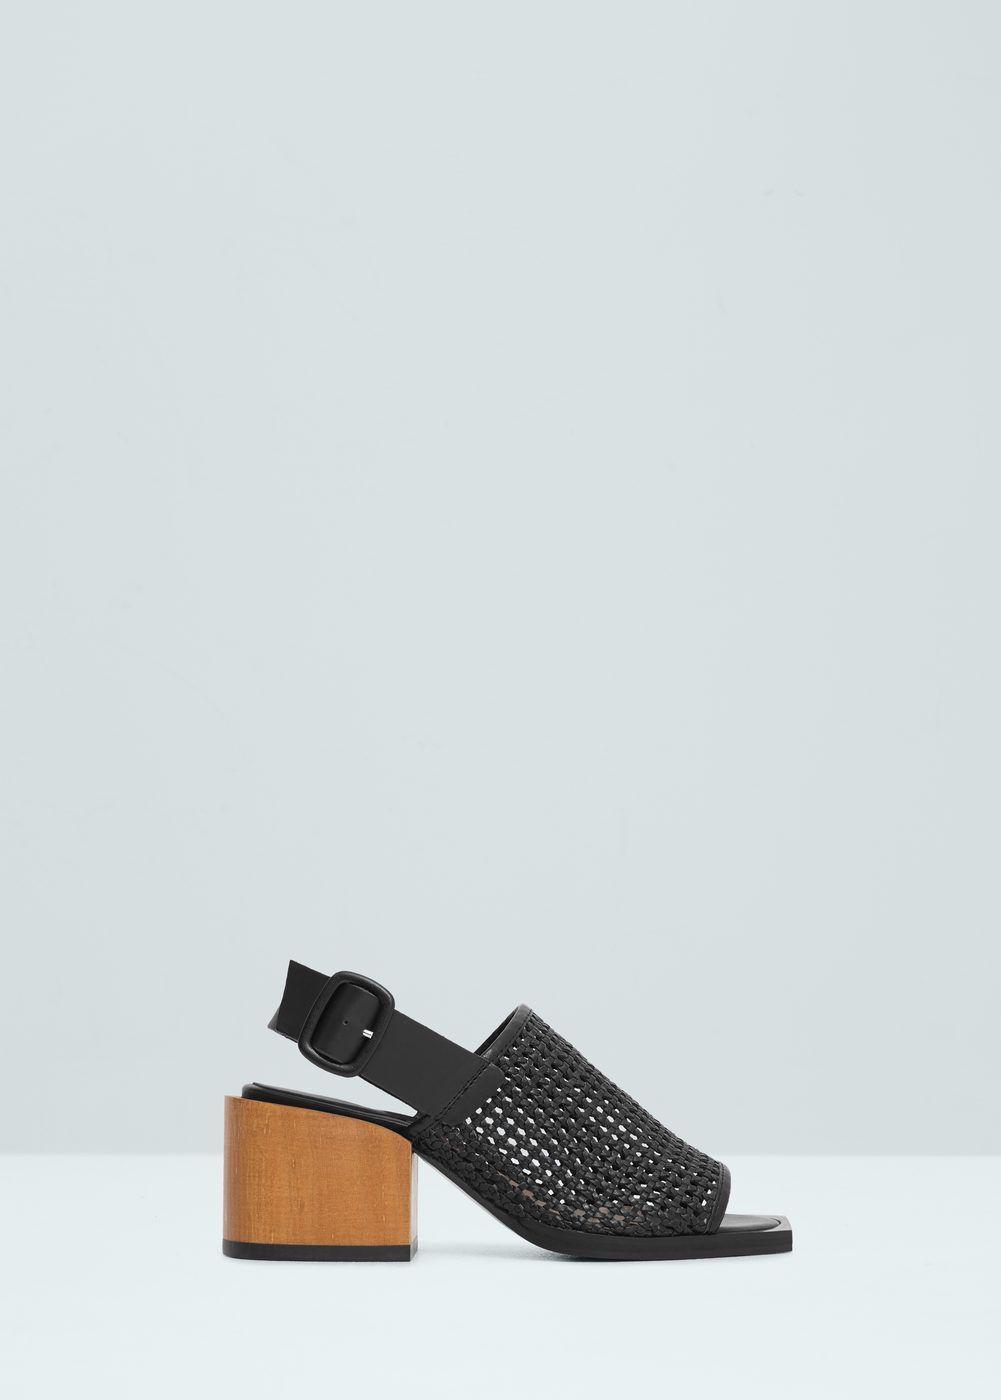 MANGO Contrast heel sandals 0Xcu2h